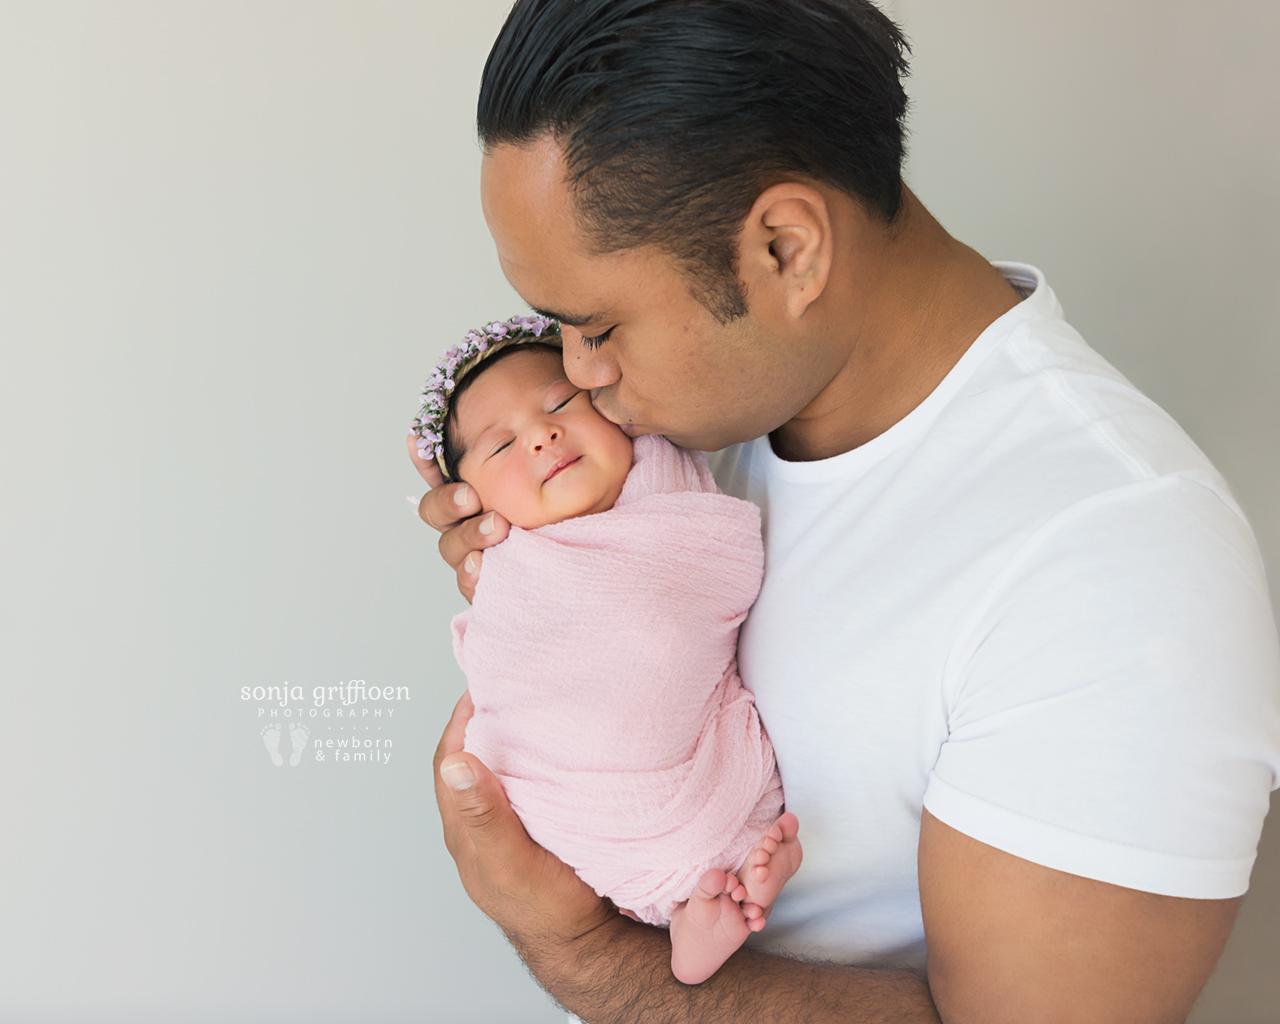 Adelina-Newborn-Brisbane-Newborn-Photographer-Sonja-Griffioen-13.jpg